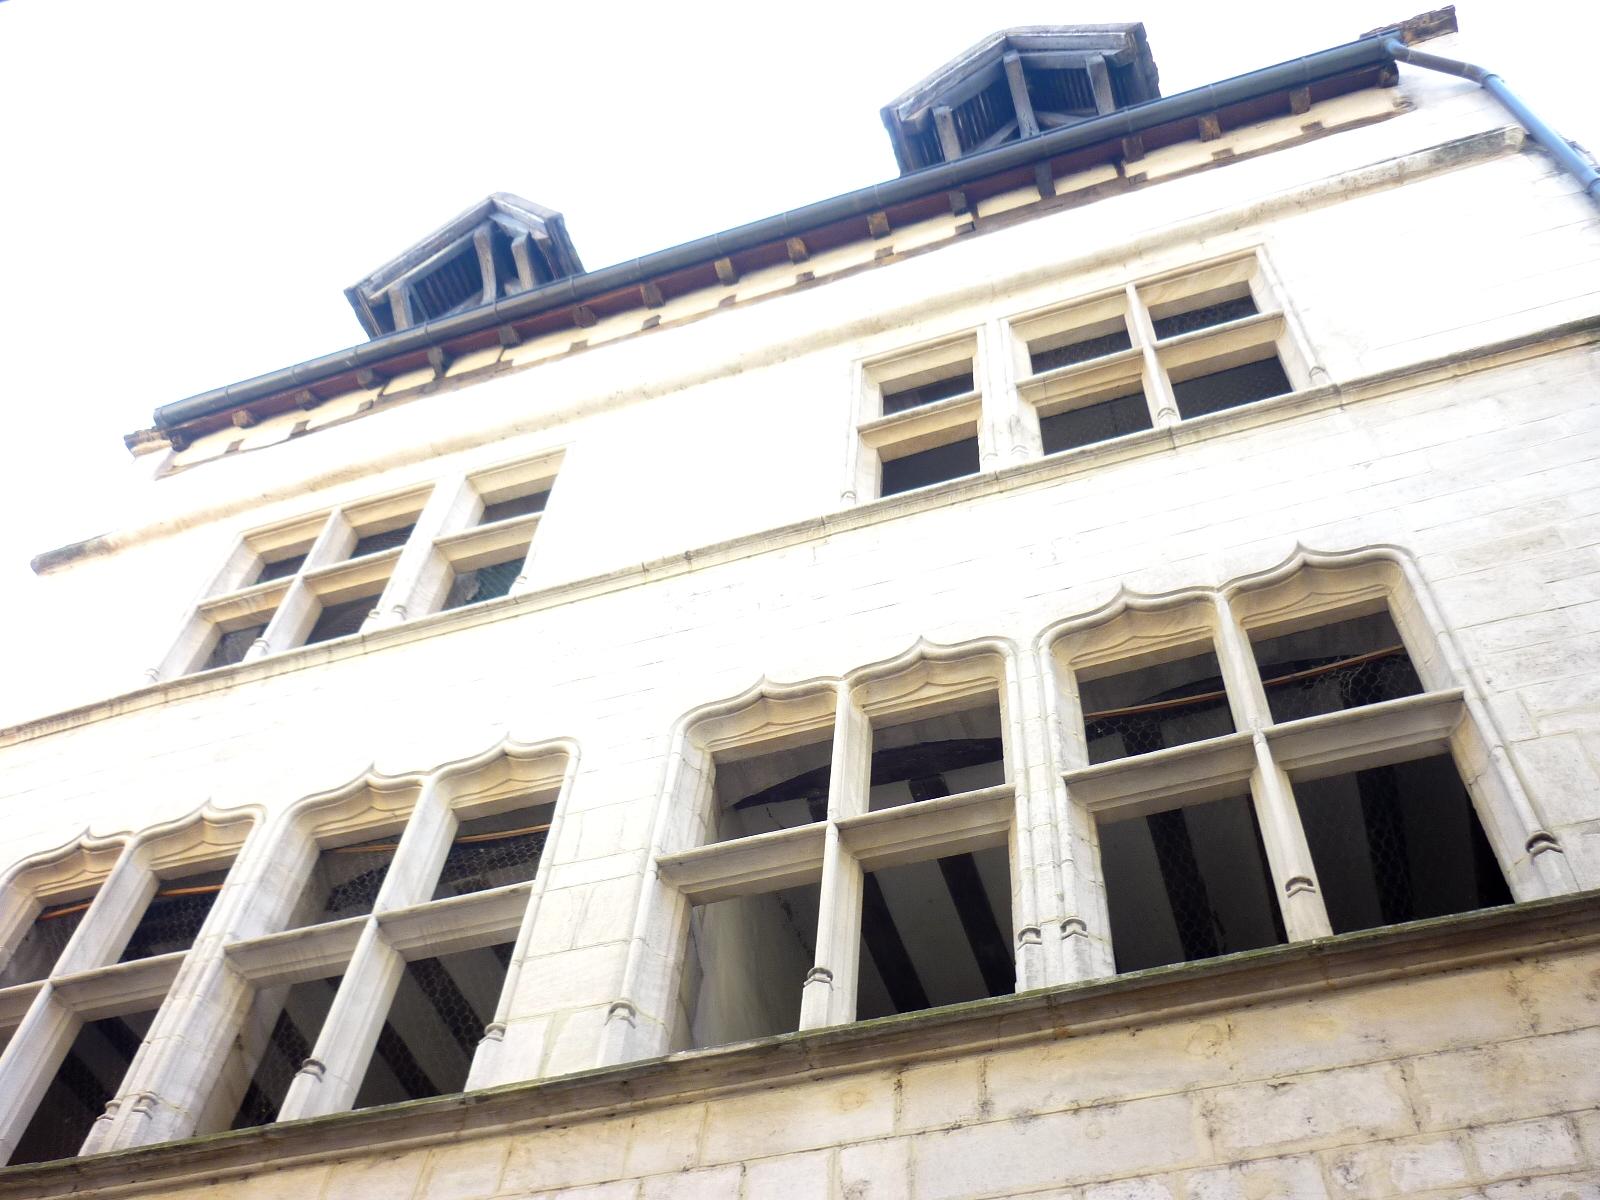 Hôtel particulier Chalon-sur-Saône  - Photographie de E Moreau pour Les Visites du Jeune Téméraire